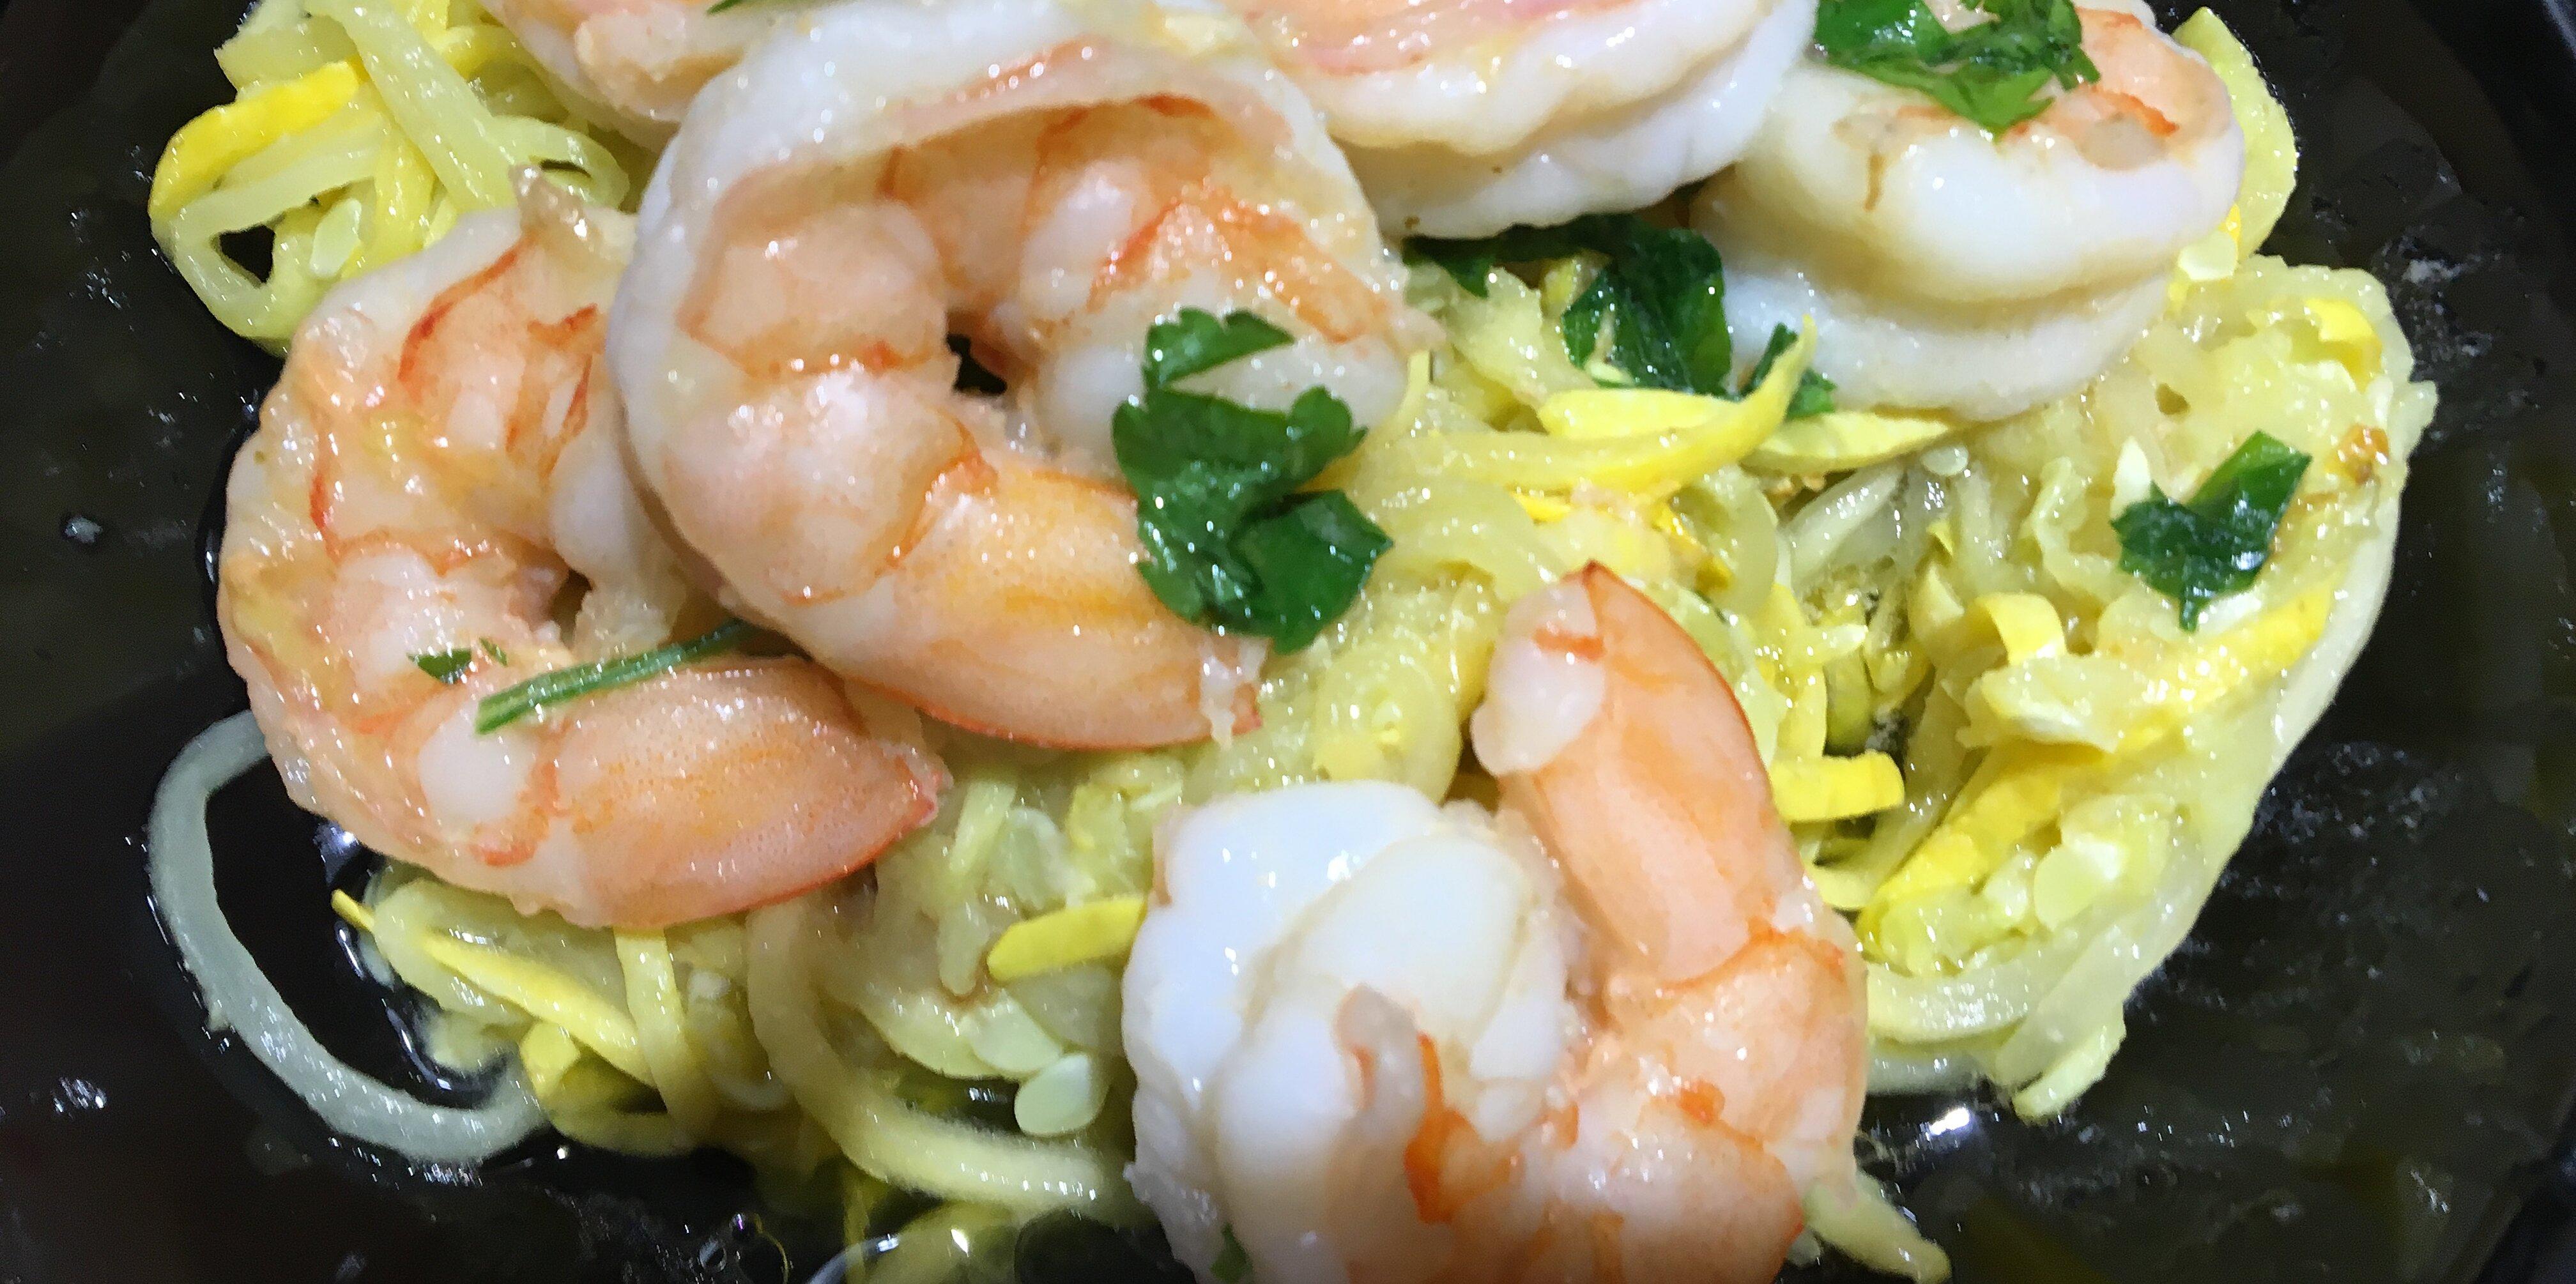 keto shrimp scampi with broccoli noodles recipe